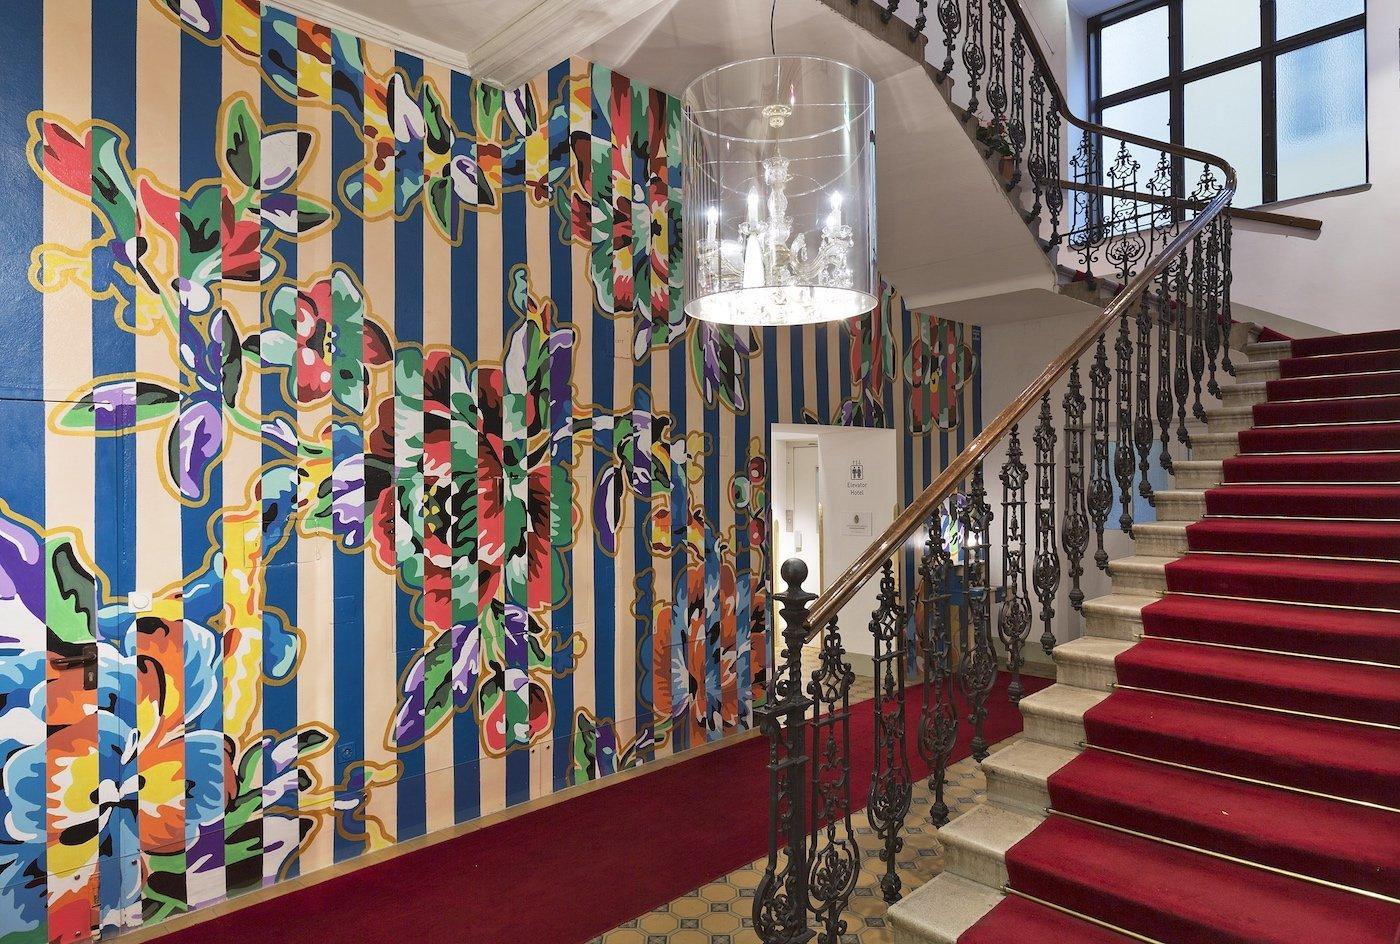 Hotel Altstadt Vienna Boutique Design Hotel Wien Eingang Treppenhaus Kunst Deckenleuchte Historisch